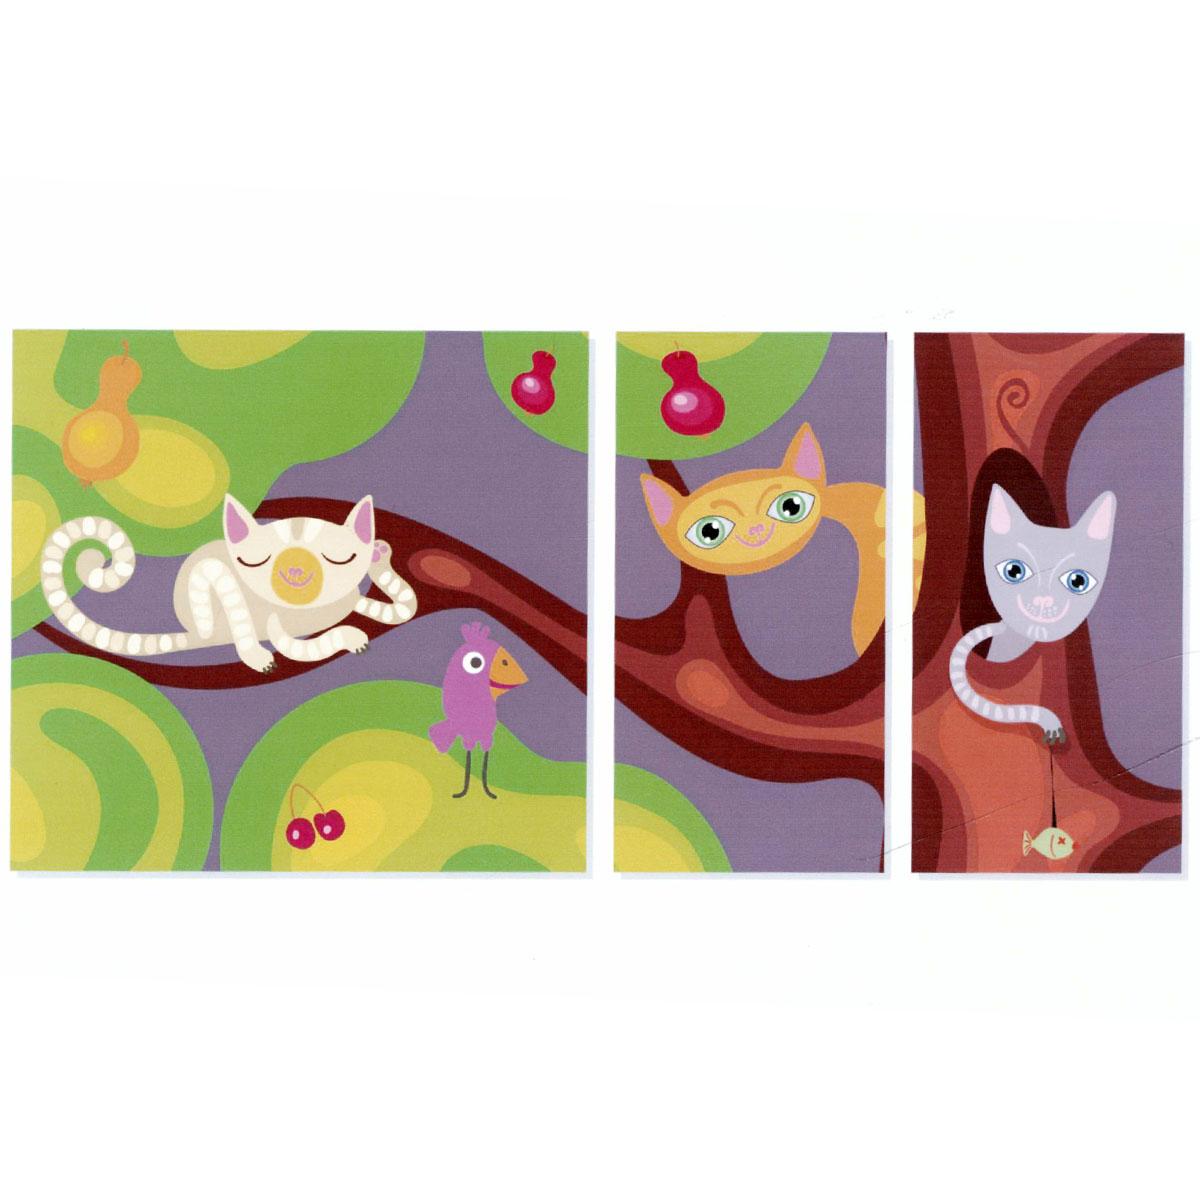 Модульная картина на холсте КвикДекор Цветные кошки, 171 см х 80 смPSM-14-0395-1Модульная картина на холсте КвикДекор Цветные кошки - это прекрасное решение для декора помещения. Картина состоит из трех частей (модулей) разного размера, объединенных общей тематикой. Изображение переходит из одного модуля в другой. Модули размещаются на расстоянии 2-3 см друг от друга. Латексная печать (без запаха) на натуральном х/б холсте, галерейная натяжка на деревянные подрамники из высококачественной сосны. Такая картина будет потрясающе смотреться в детской комнате. Она сделает обстановку комфортной и уютной, а яркие краски и интересное оформление обязательно понравятся вашему малышу. Картина в стрейч-пленке с защитными картонными уголками упакована в гофрокоробку с термоусадкой. Размер модулей: 85 см х 80 см (1 шт); 40 см х 80 см (2 шт). Количество модулей: 3 шт. Общий размер картины: 171 см х 80 см. Художник: Анна Морозова.